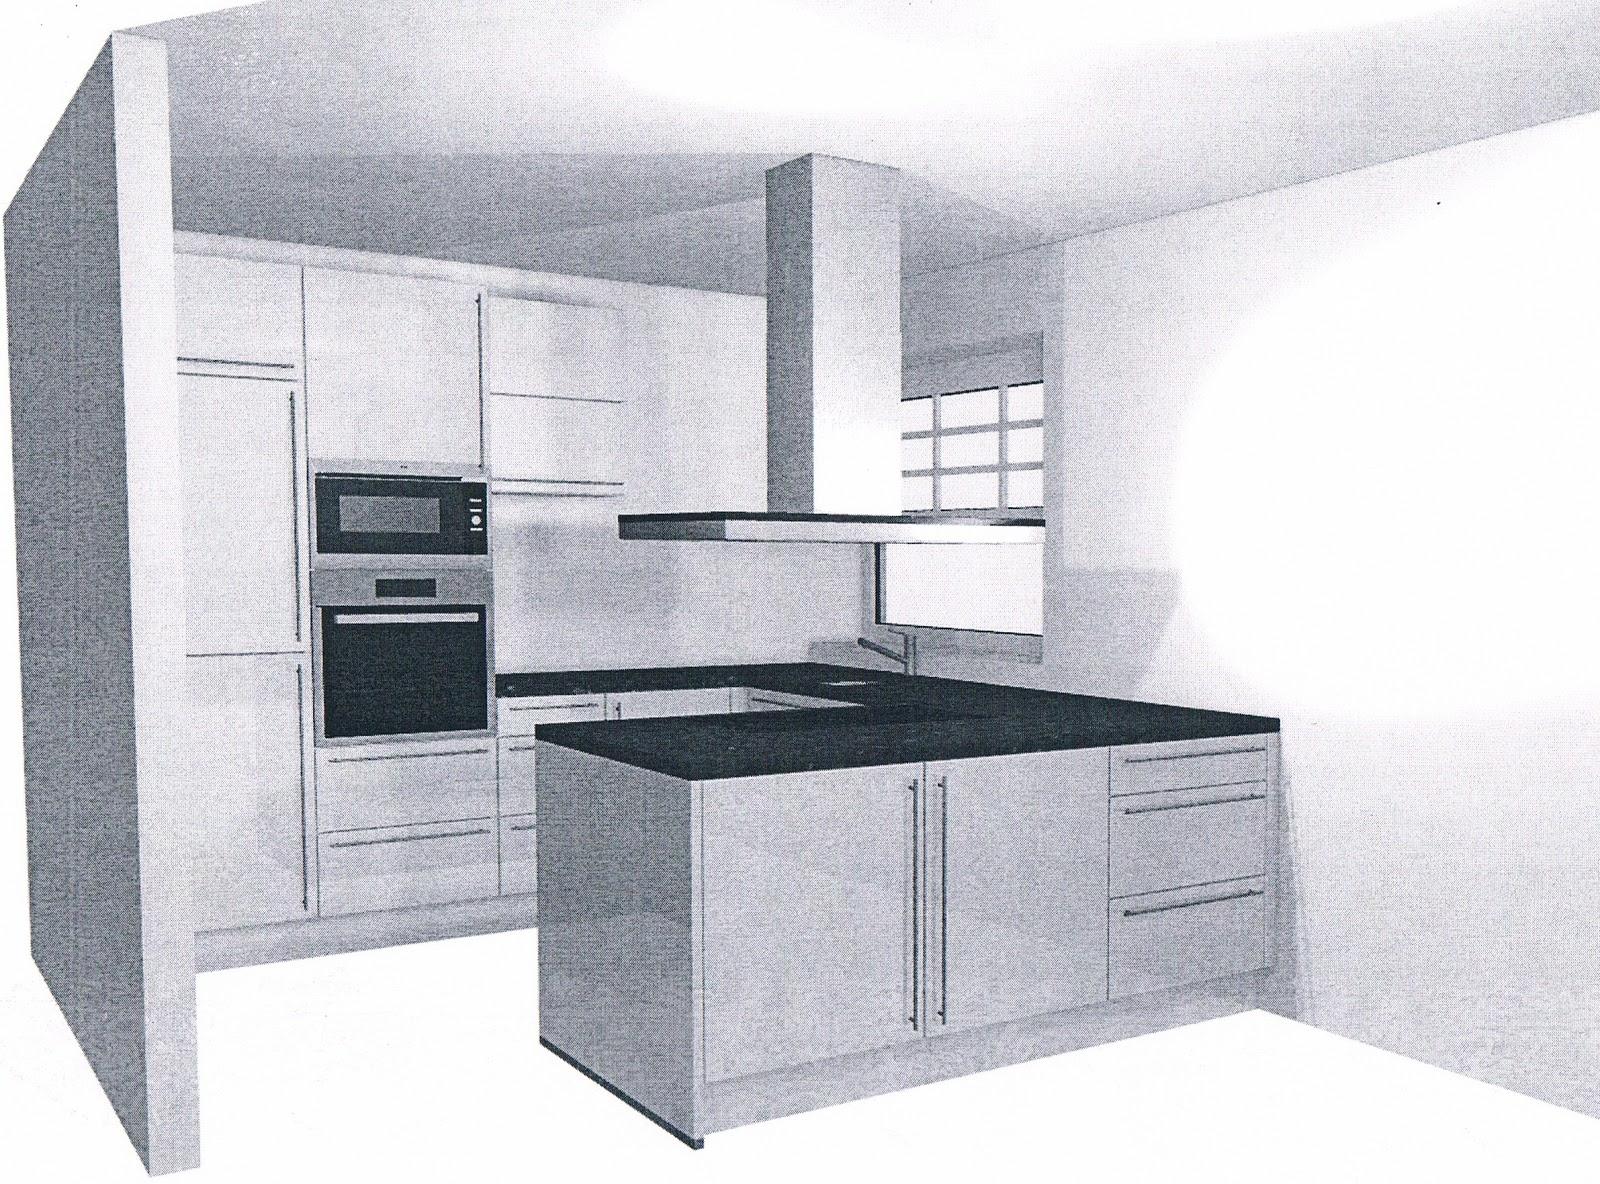 neues zum hausbau von eva und carsten jipieeeee die k che ist gekauft. Black Bedroom Furniture Sets. Home Design Ideas